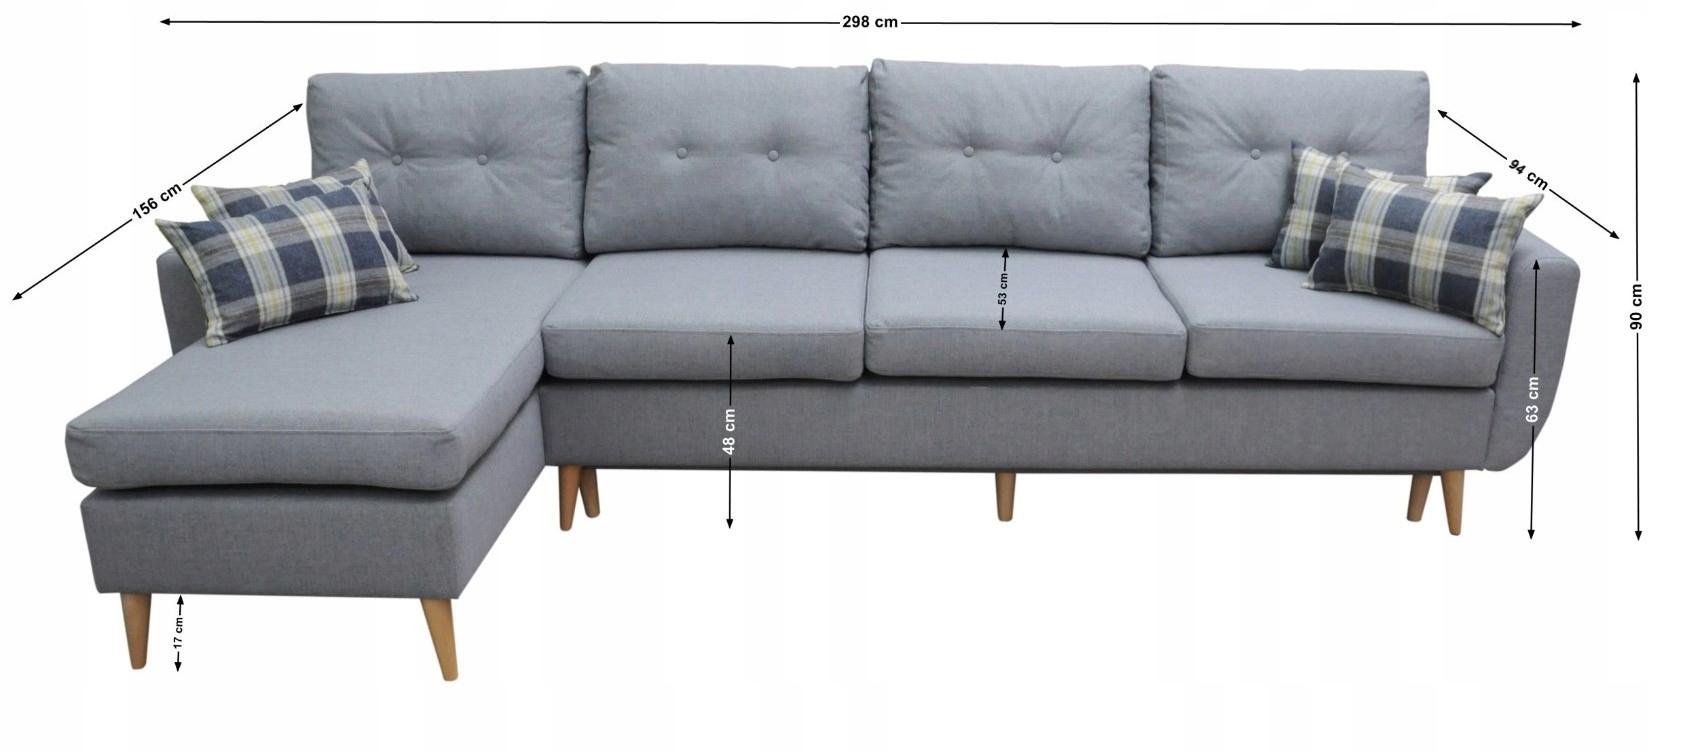 NAROŻNIK CHERRY MAX TROMSO STYL SKANDYNAWSKI Powierzchnia spania - długość (cm) dłuższy niż 220 cm